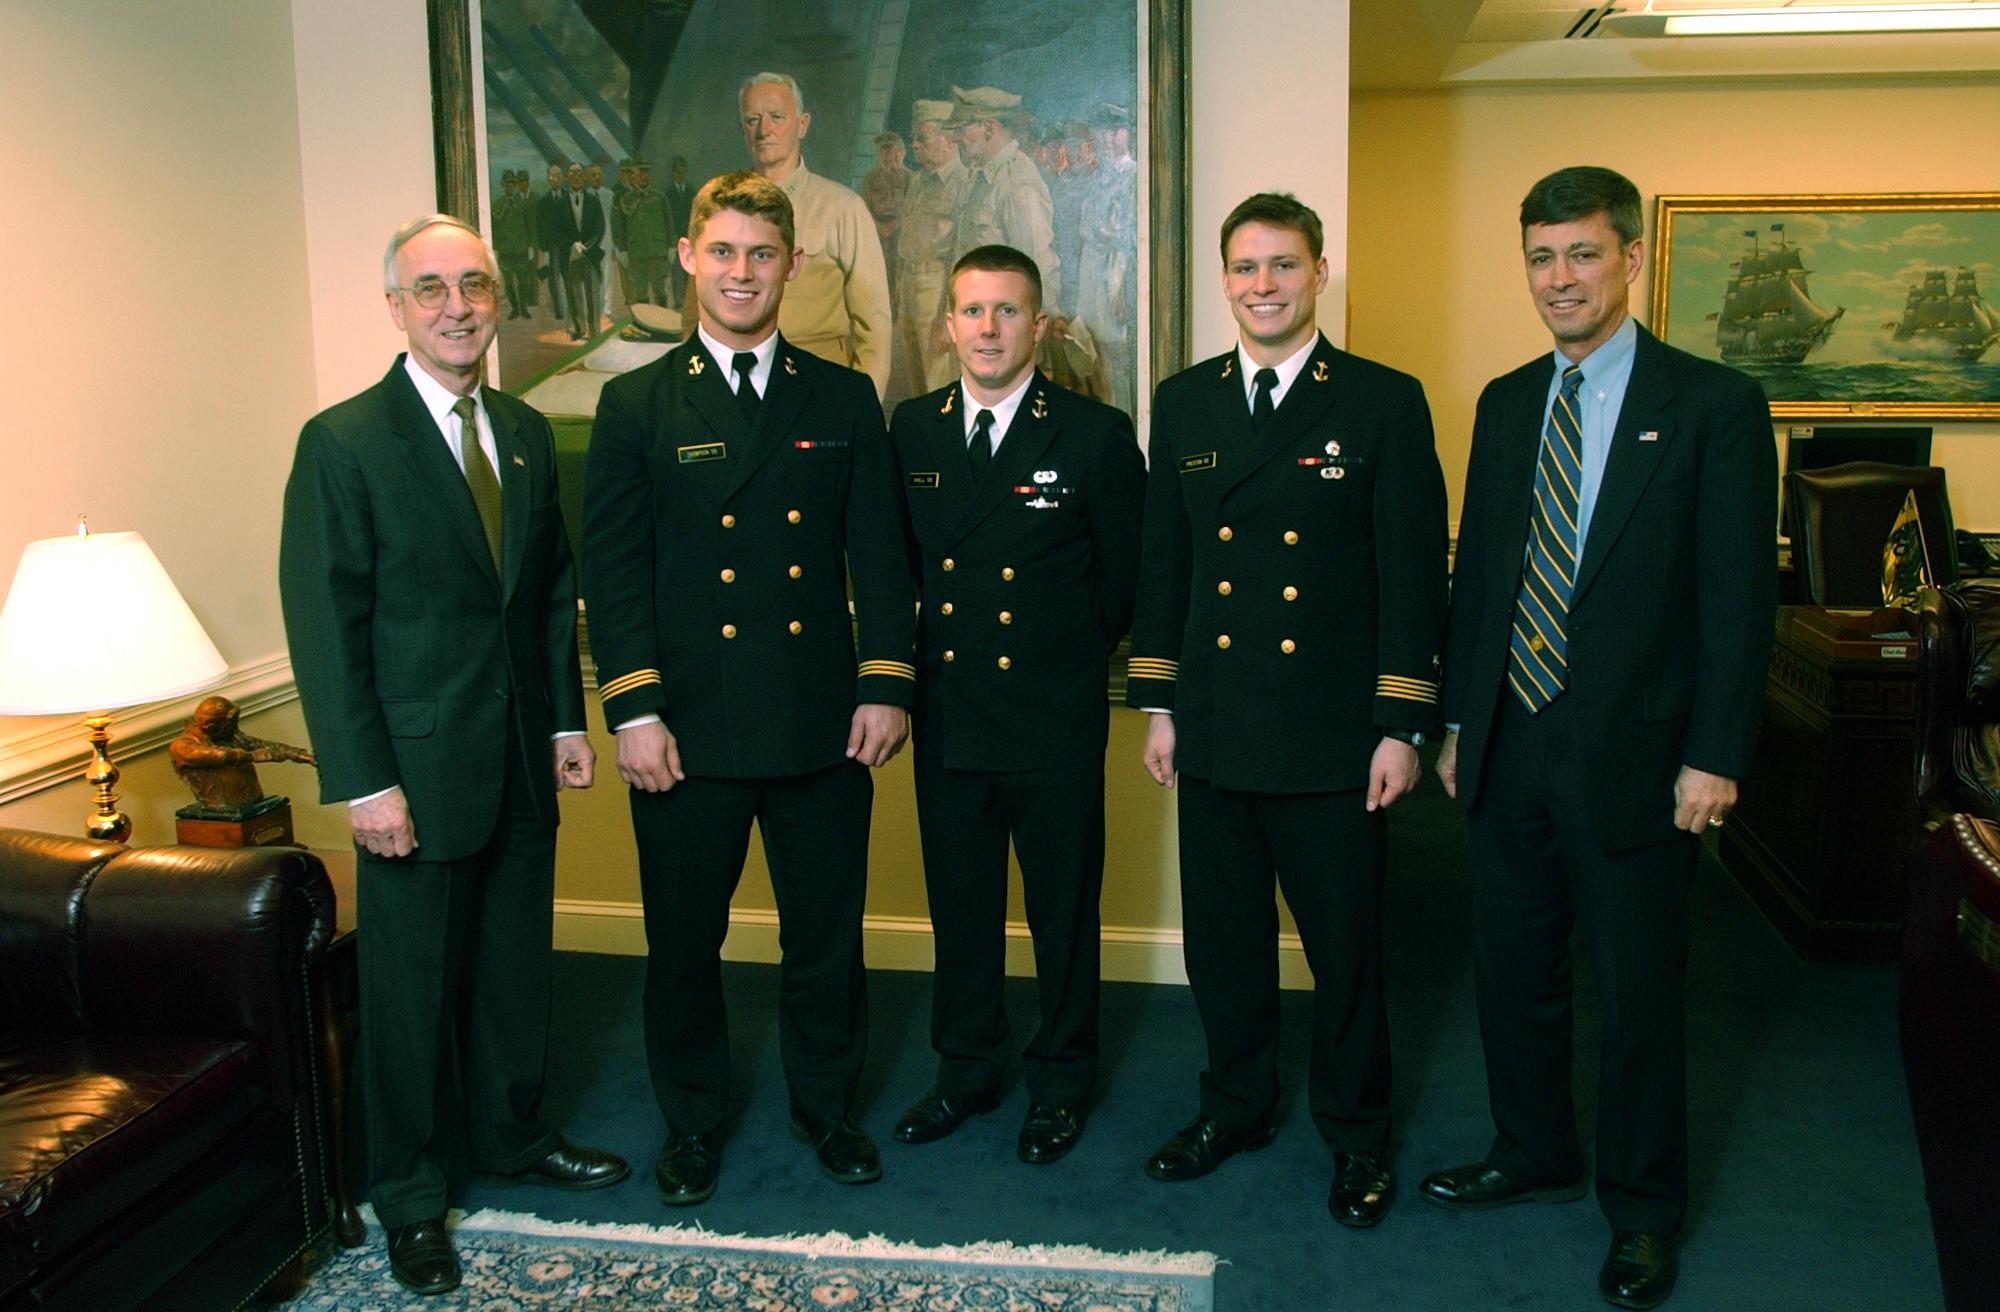 File:US Navy 050214-N-2568S-001 The 2005 U.S. Naval ...